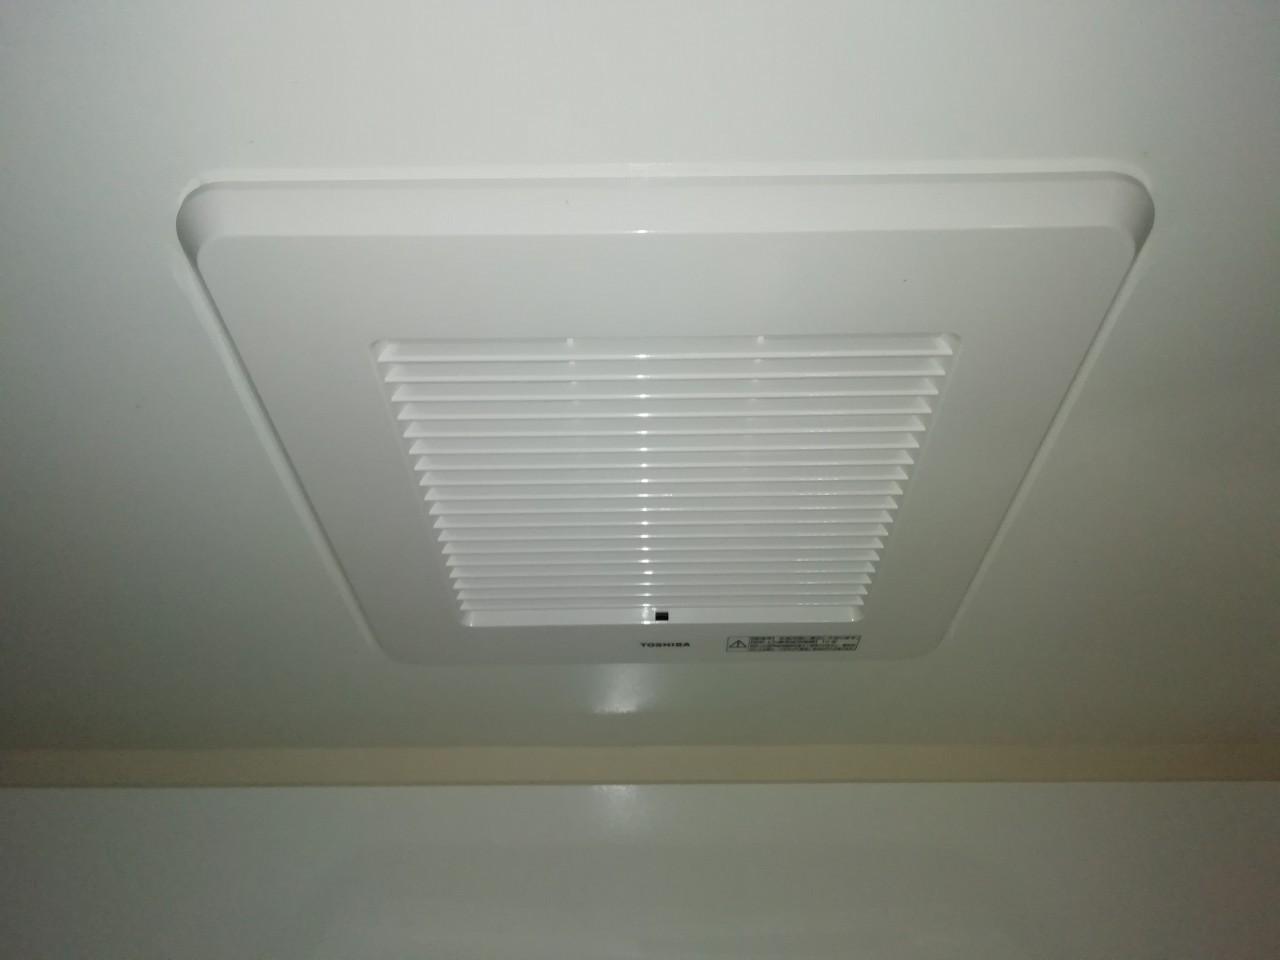 浴室換気扇の交換|DVP-T14CLDK|京都市中京区